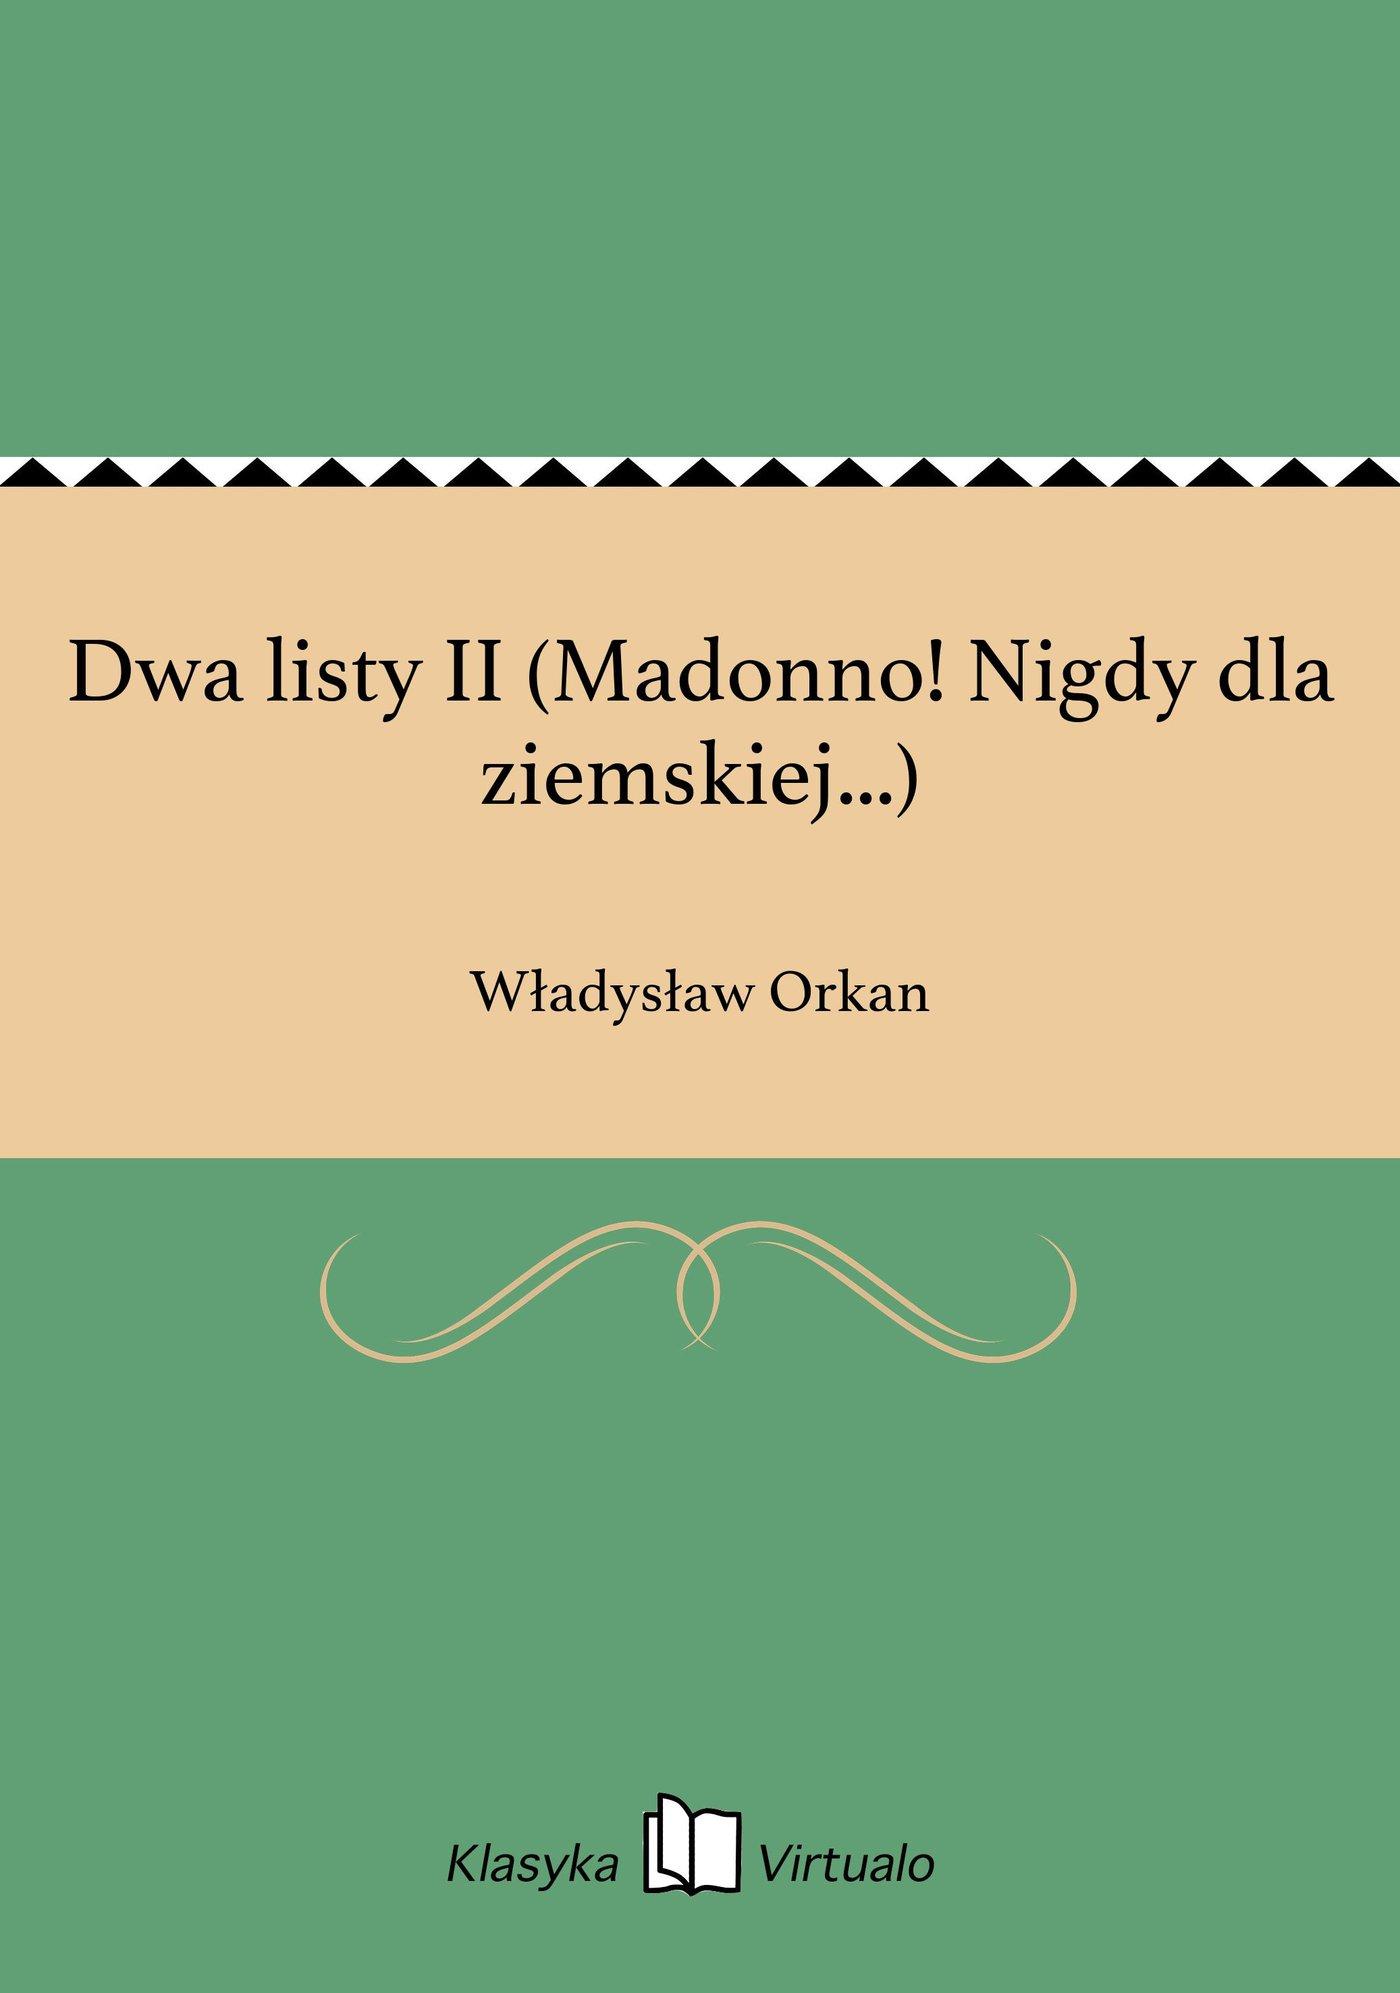 Dwa listy II (Madonno! Nigdy dla ziemskiej...) - Ebook (Książka EPUB) do pobrania w formacie EPUB